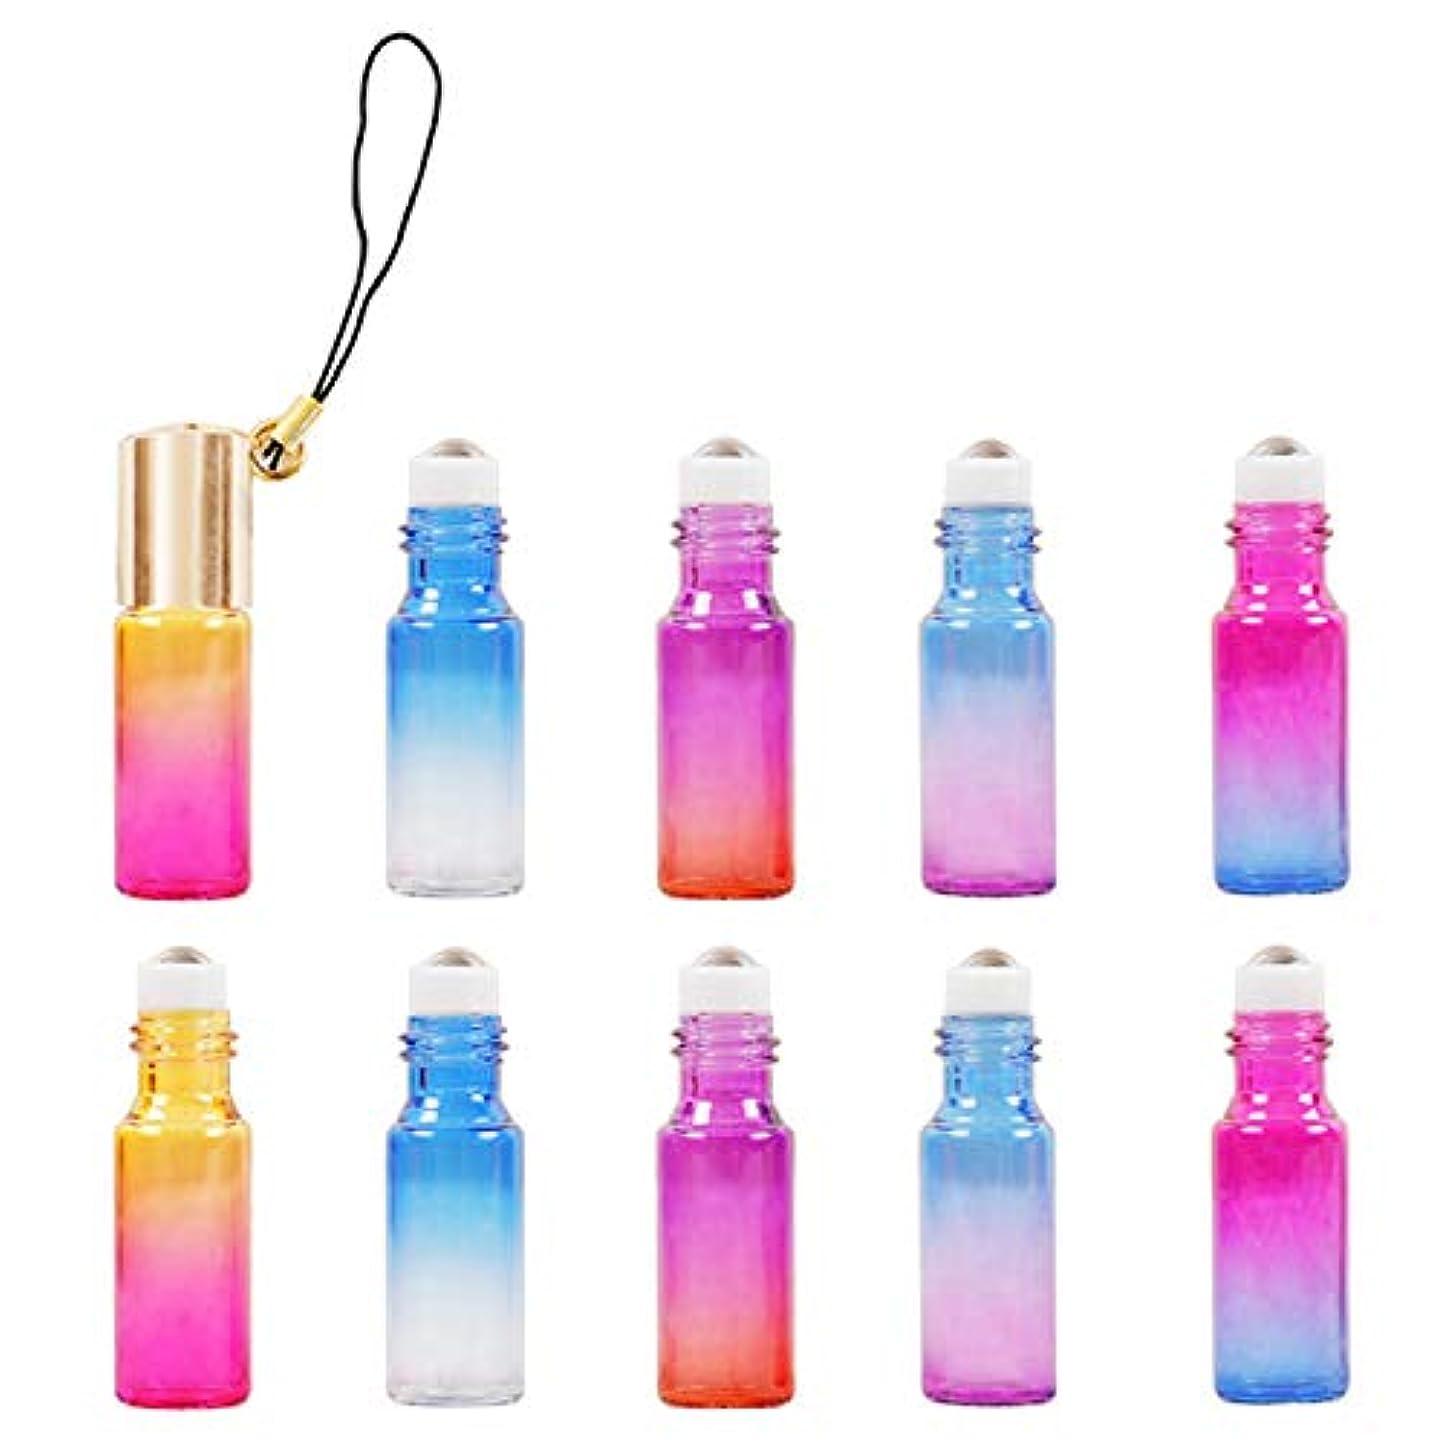 ALoveSoul アロマ容器 ロールオンボトル 5ml ゴールドキャップ×10本セット 遮光瓶 グラジエントカラー アロマ 香水 エッセンシャルオイル コスメ 詰め替え容器